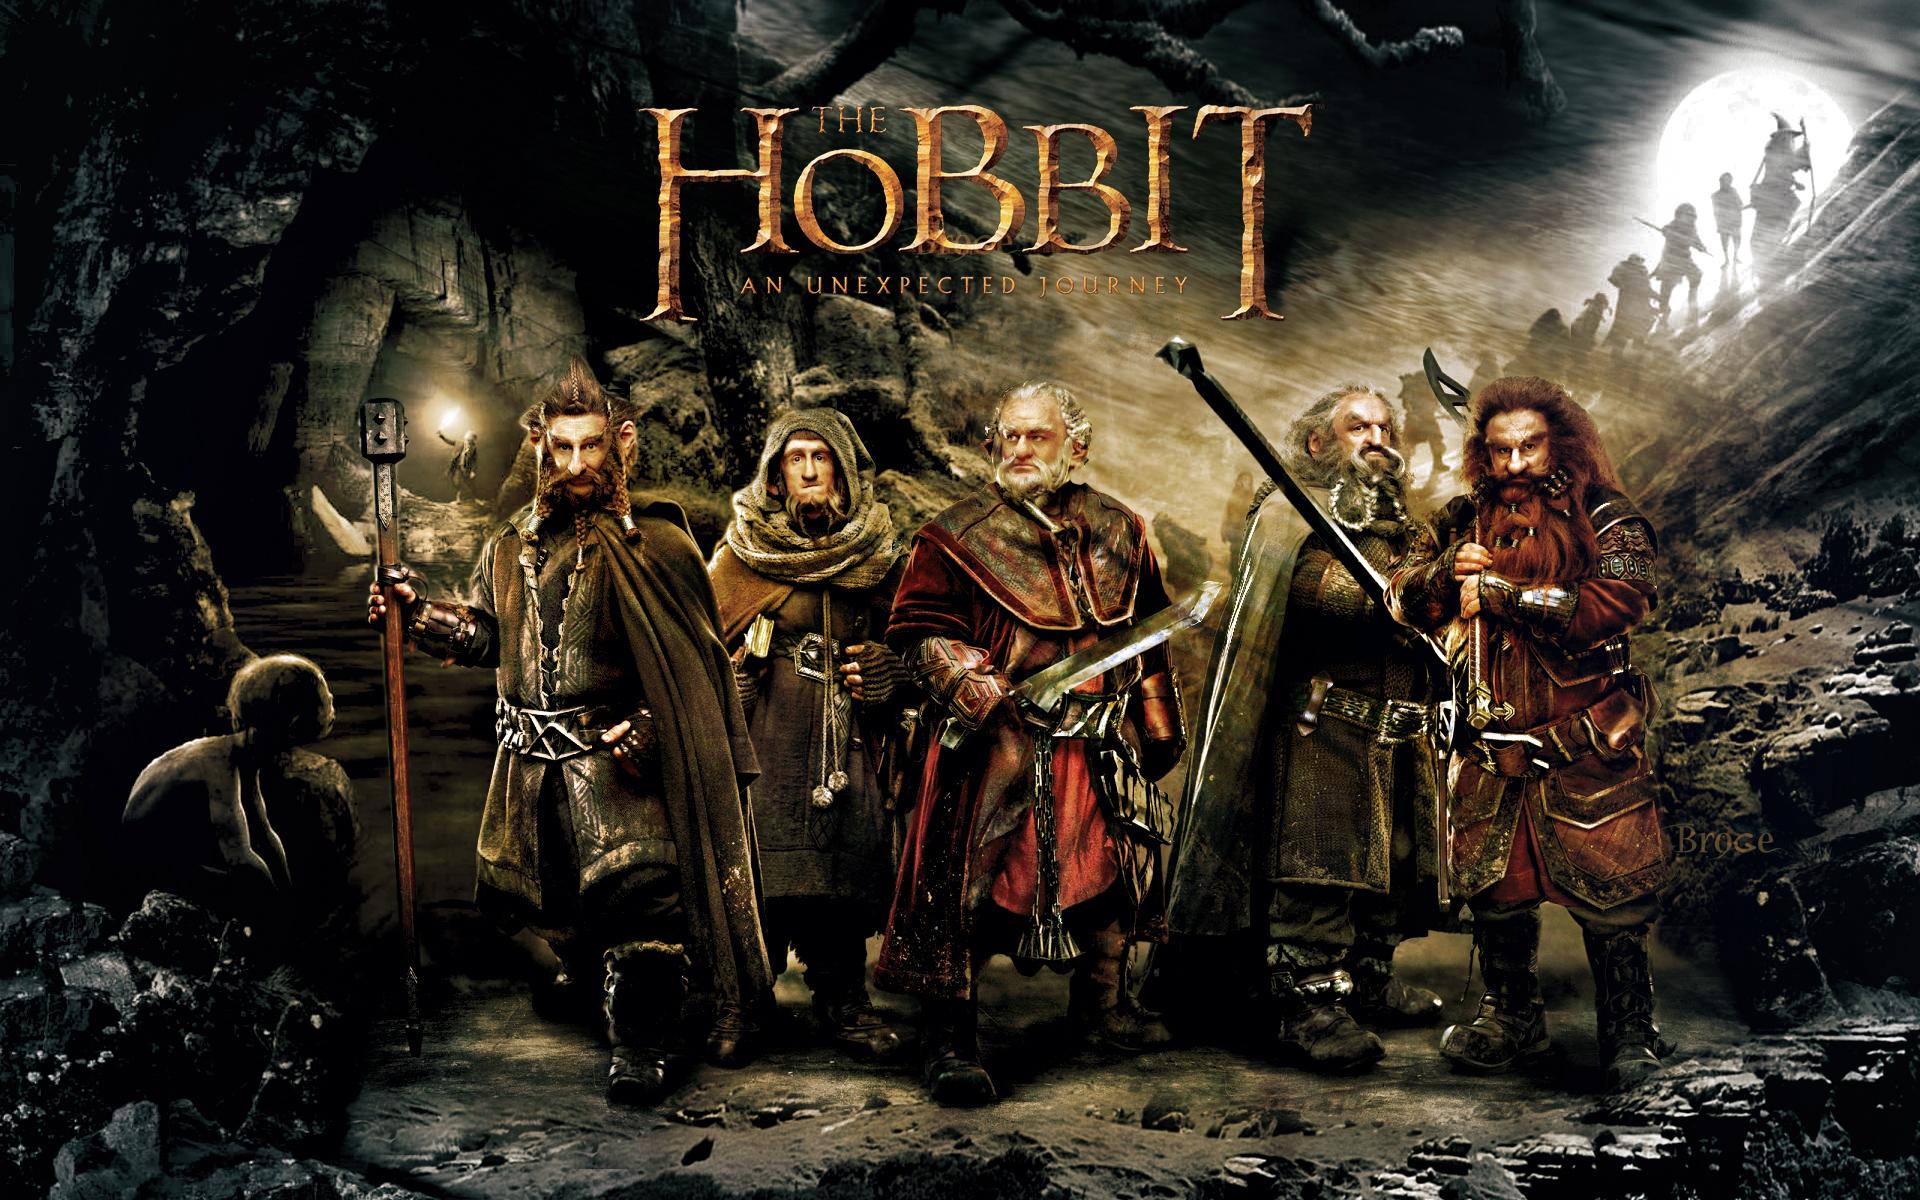 the hobbit   The Hobbit Wallpaper 31871223 1920x1200